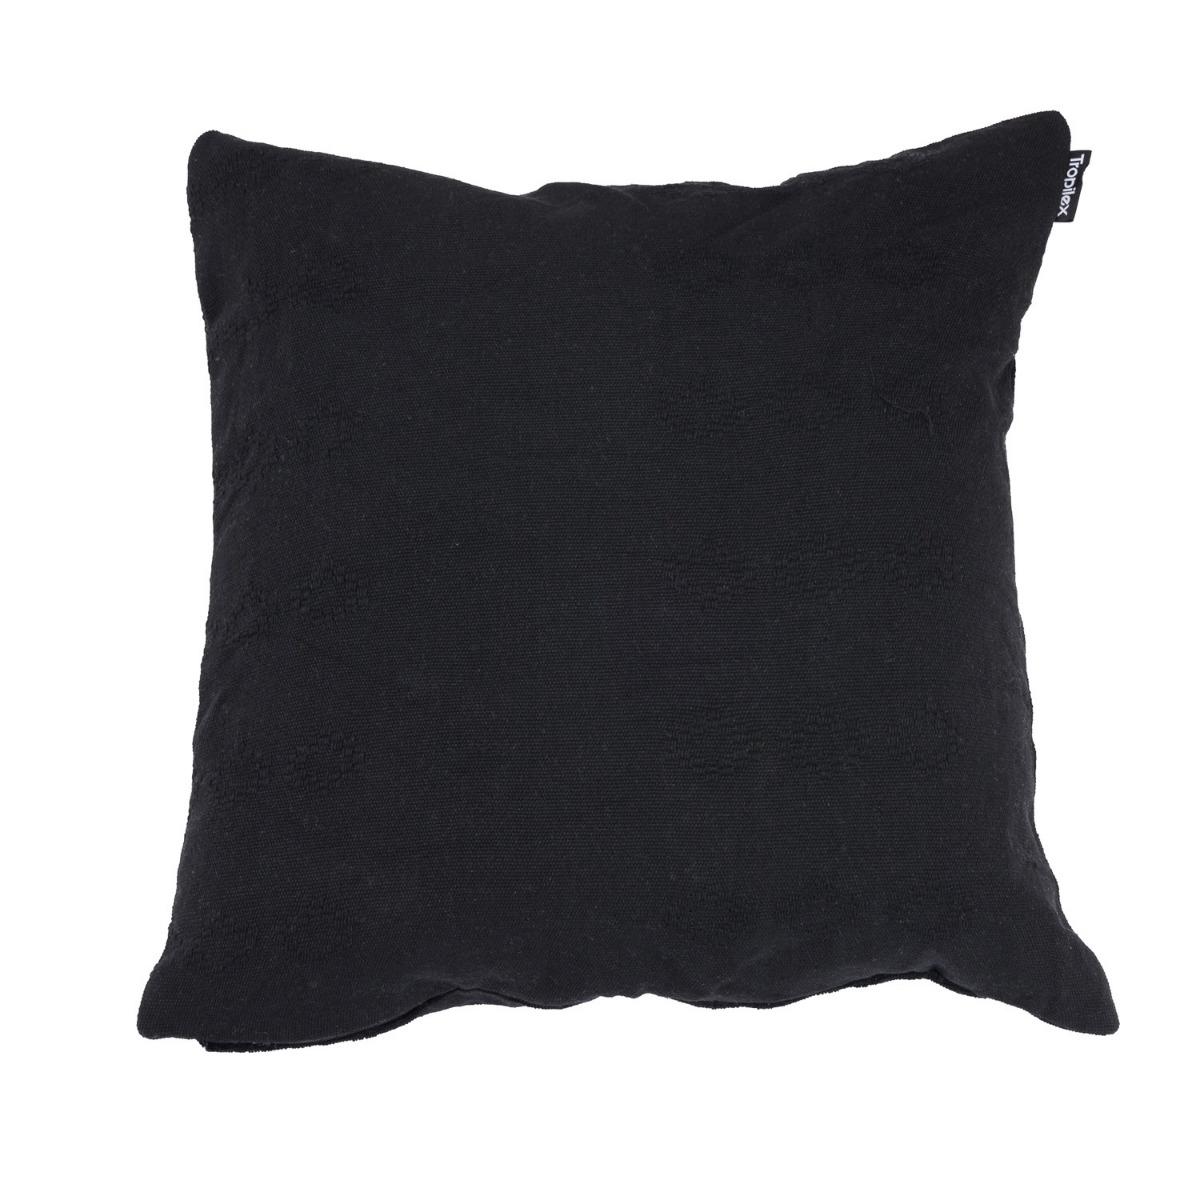 'Luxe' Black Kussentje - Zwart - Tropilex �